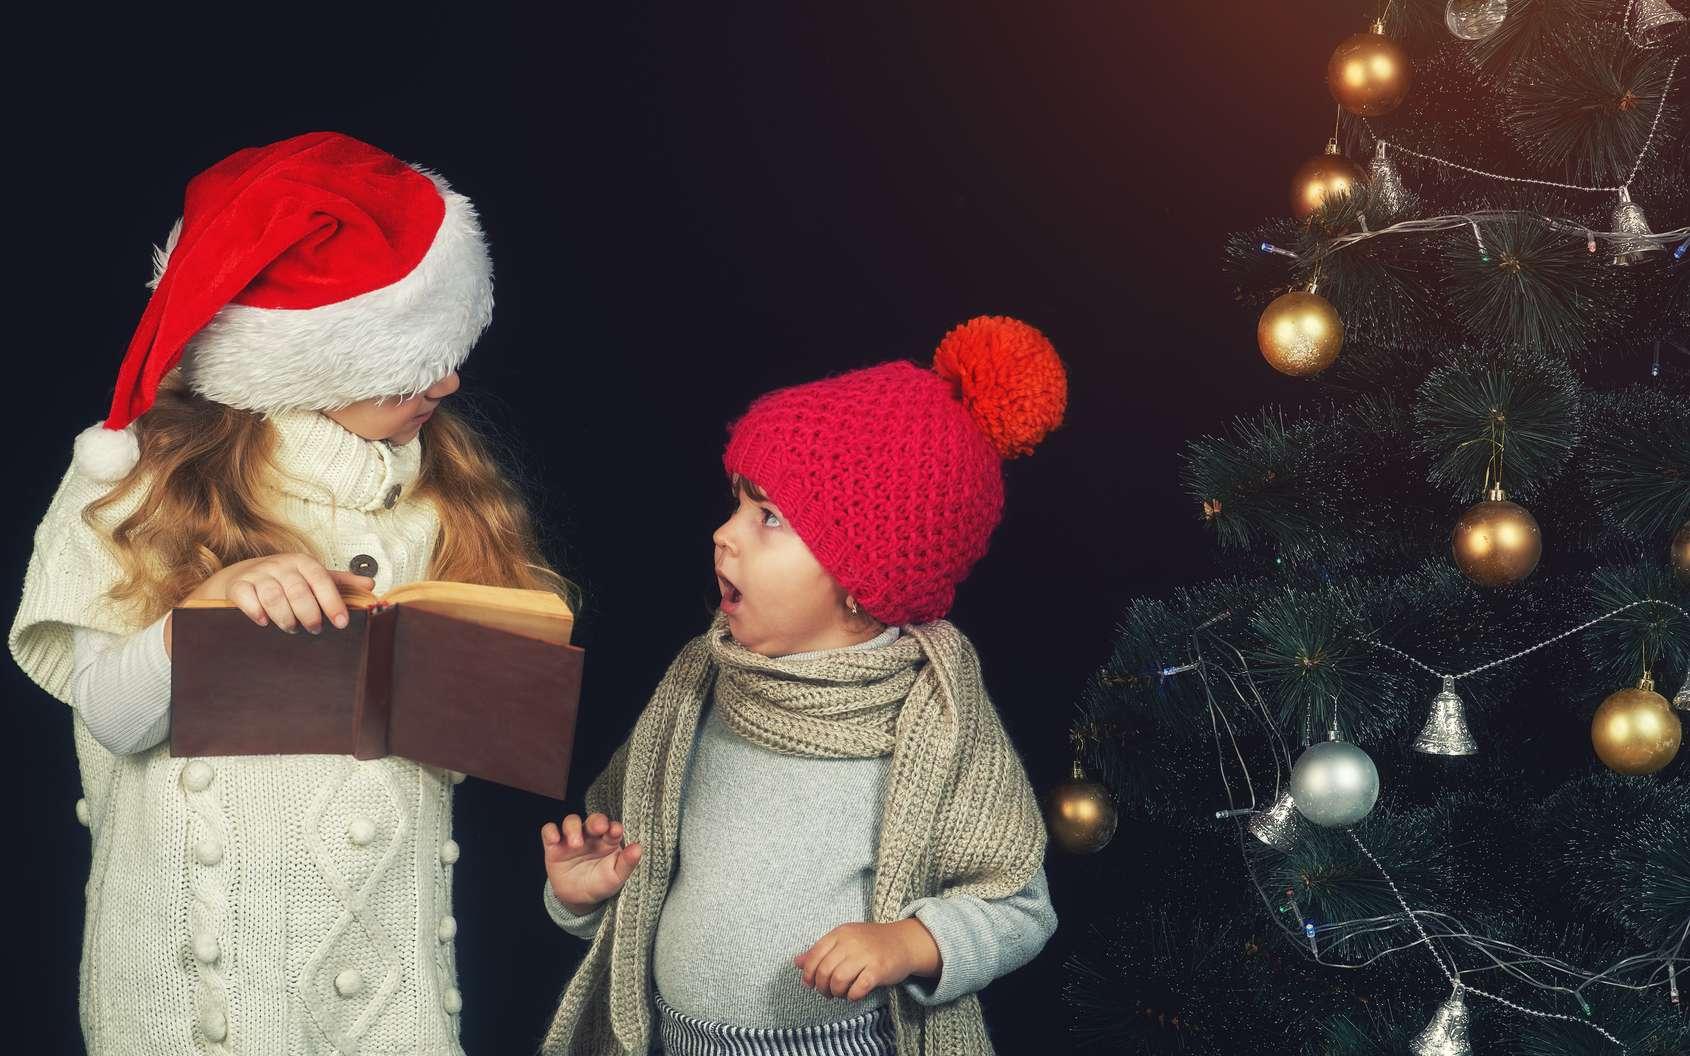 De beaux livres pour Noël. © fisher05, Fotolia